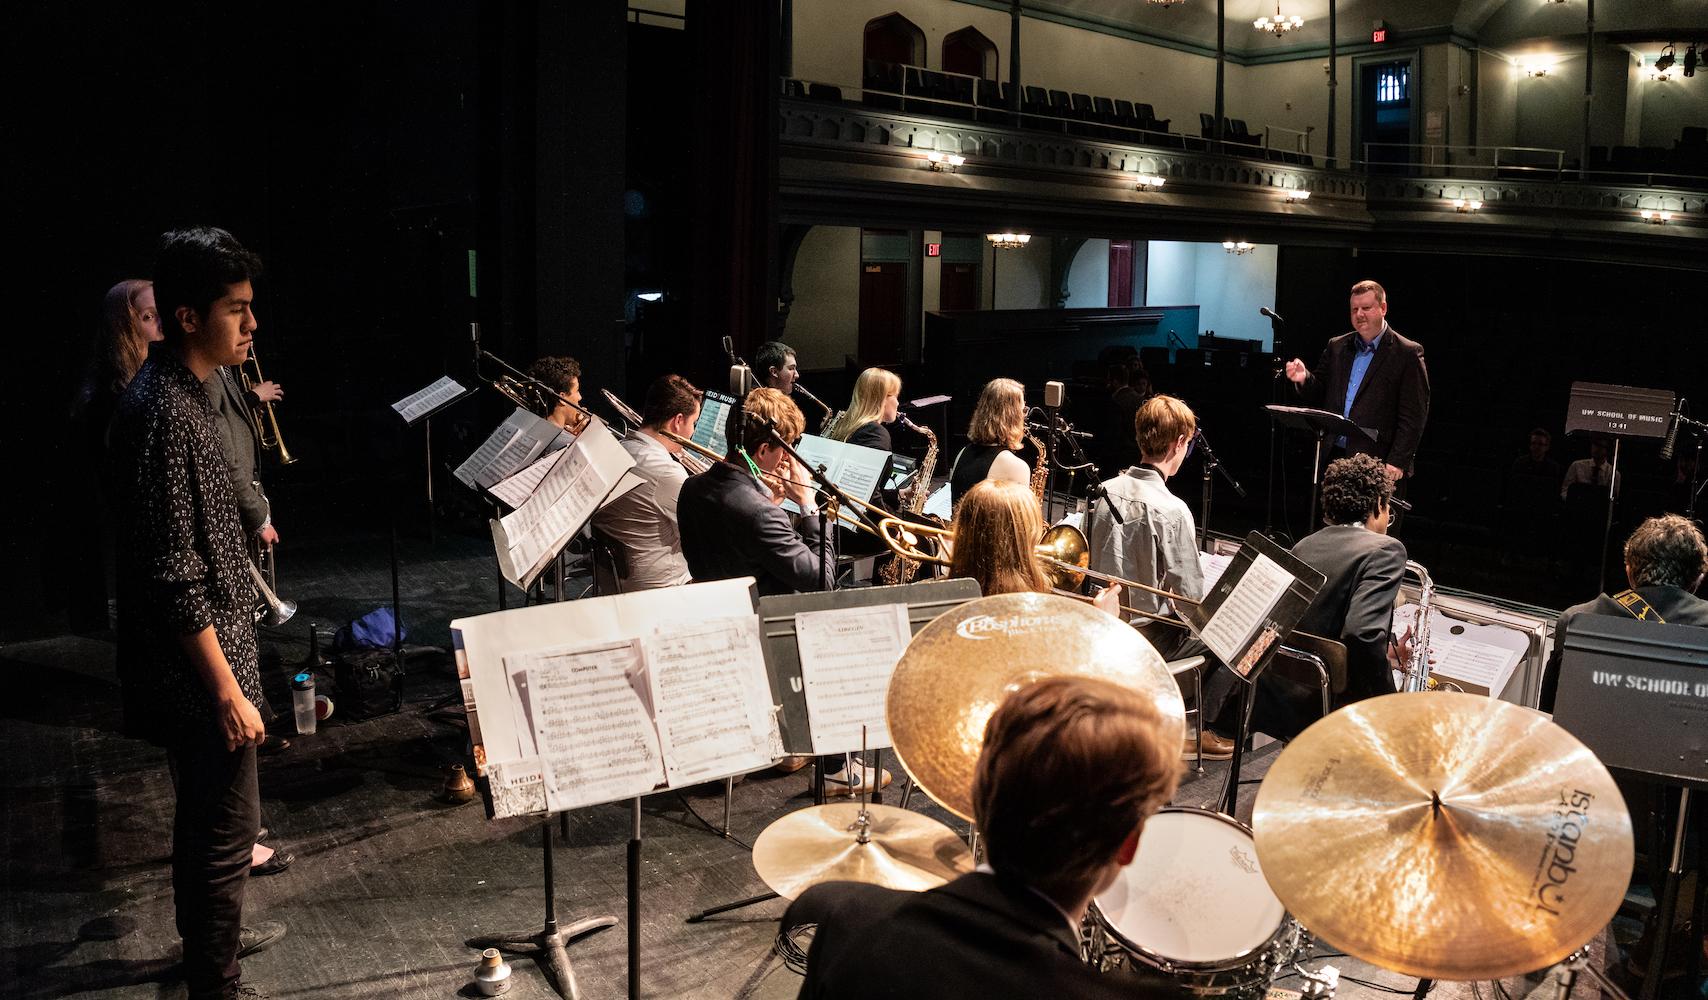 uwmusic-jazzhonorsband-041819-0818_19.jpg